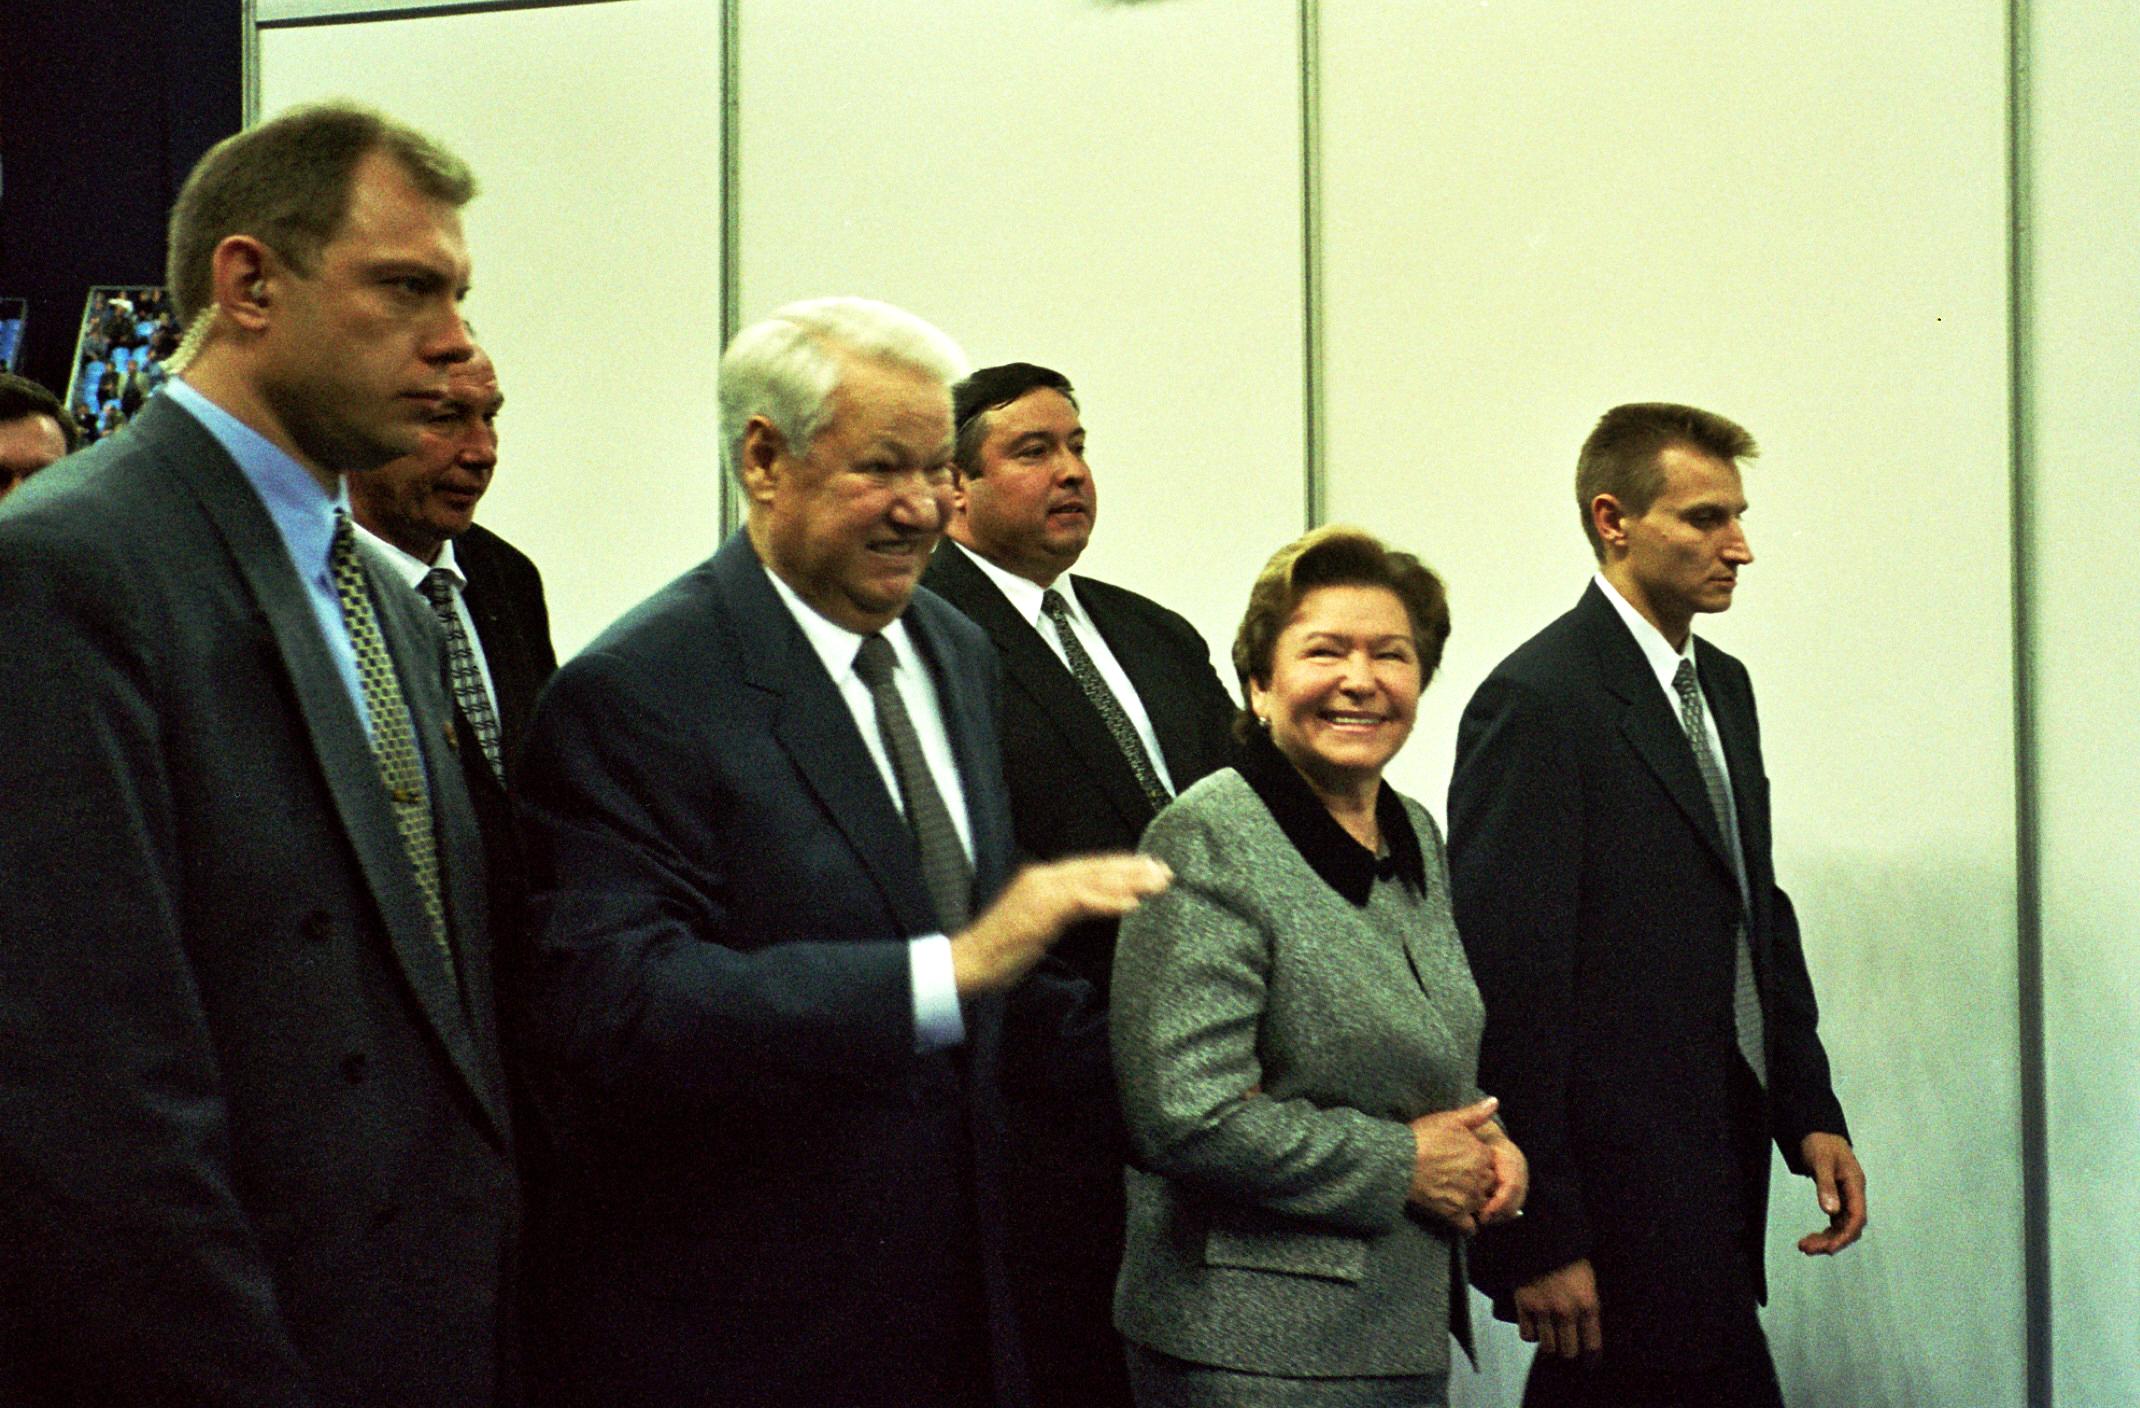 Ельцин Борис Николаевич Первый президент России на международном теннисном турнире ATP-Tour Кубок Кремля 2001